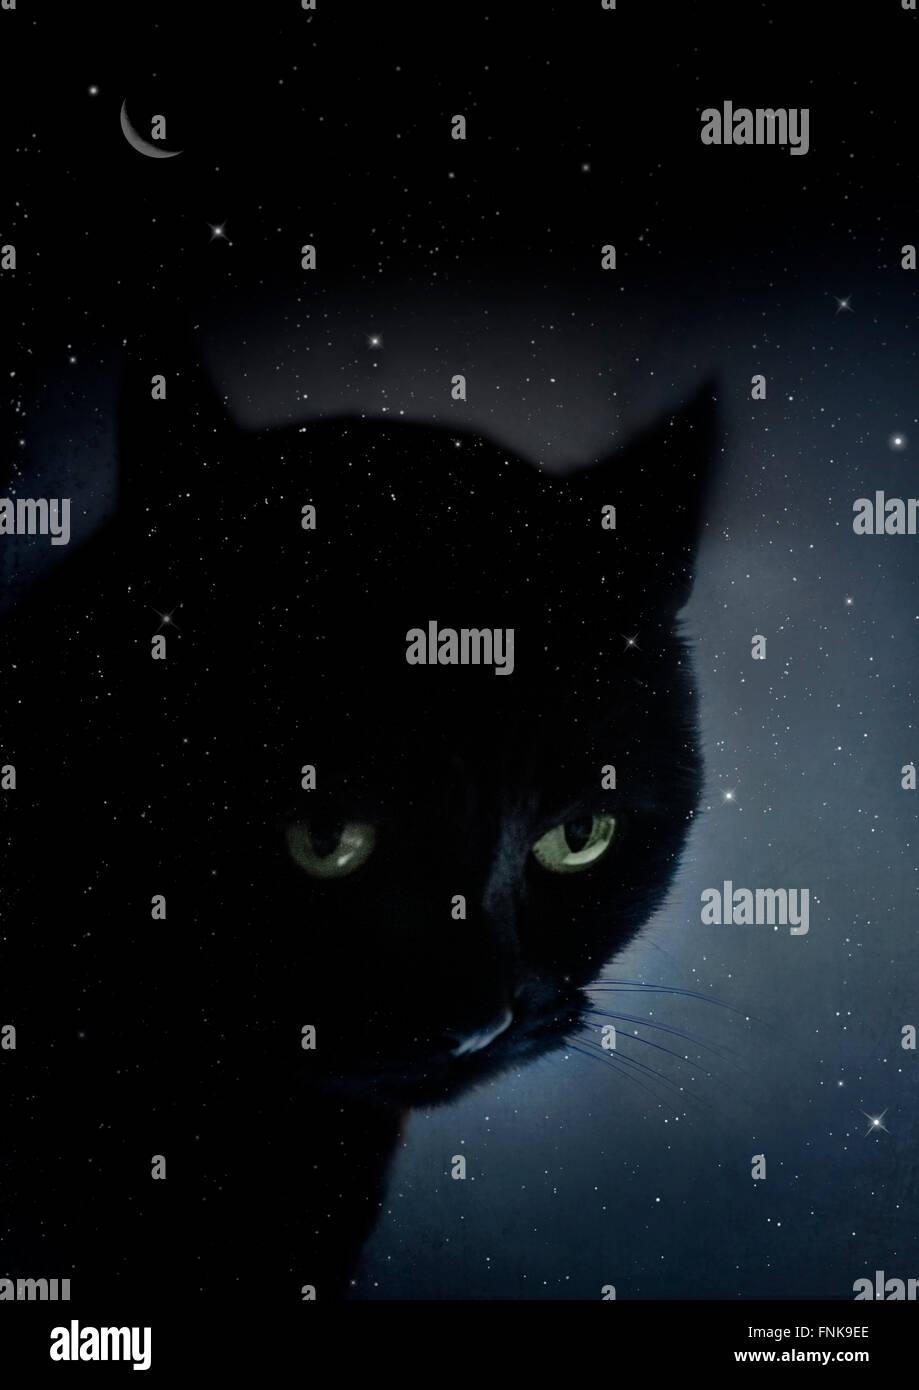 Gatto nero nella notte stellata Immagini Stock